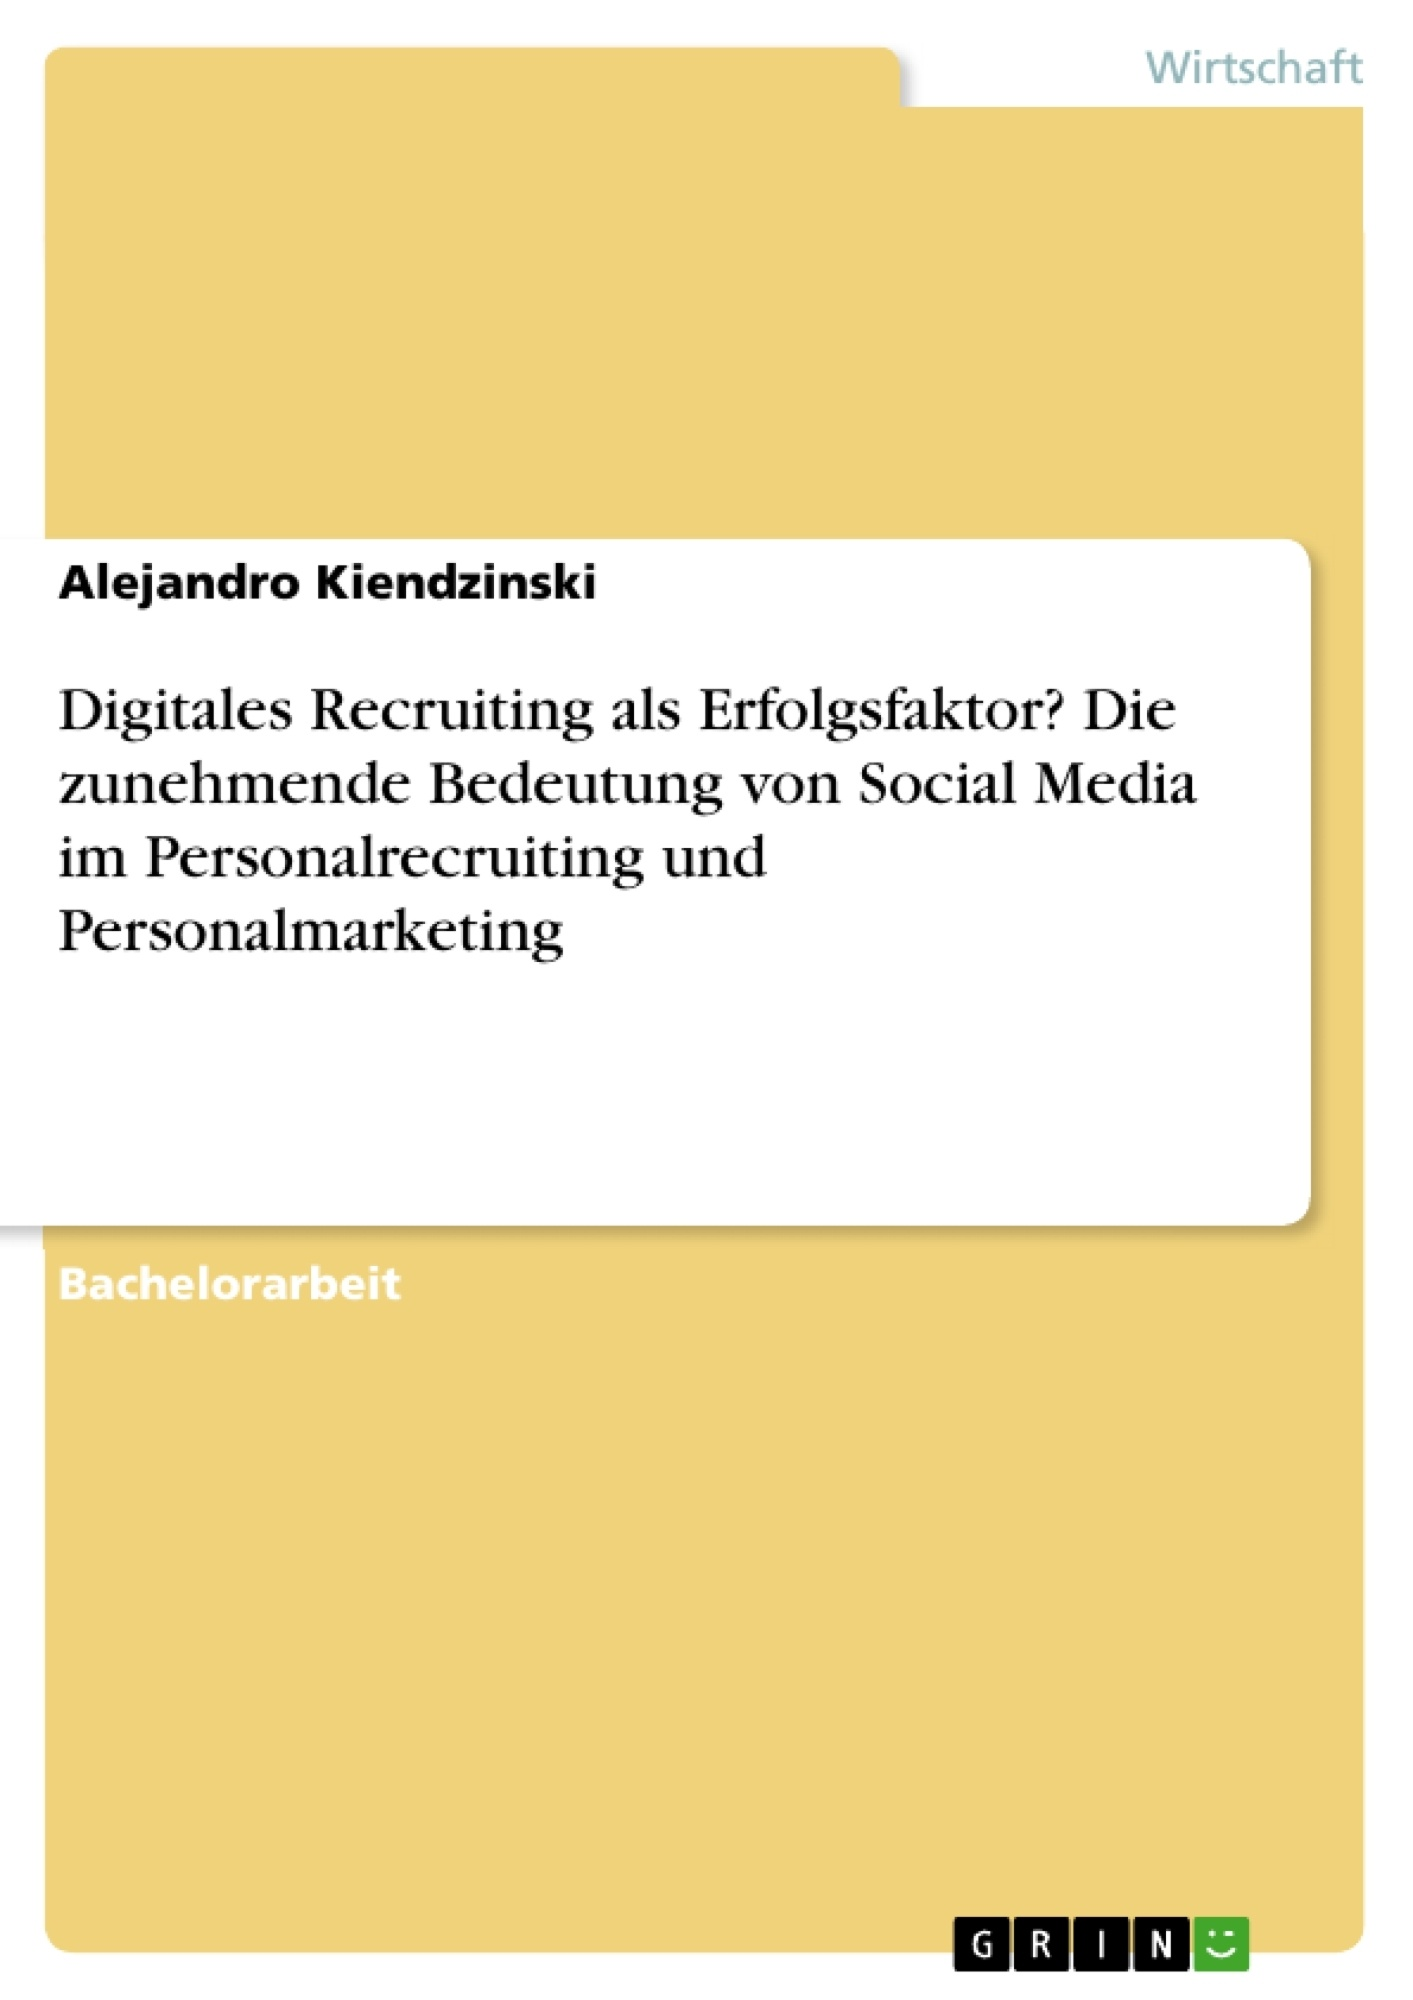 Titel: Digitales Recruiting als Erfolgsfaktor? Die zunehmende Bedeutung von Social Media im Personalrecruiting und Personalmarketing